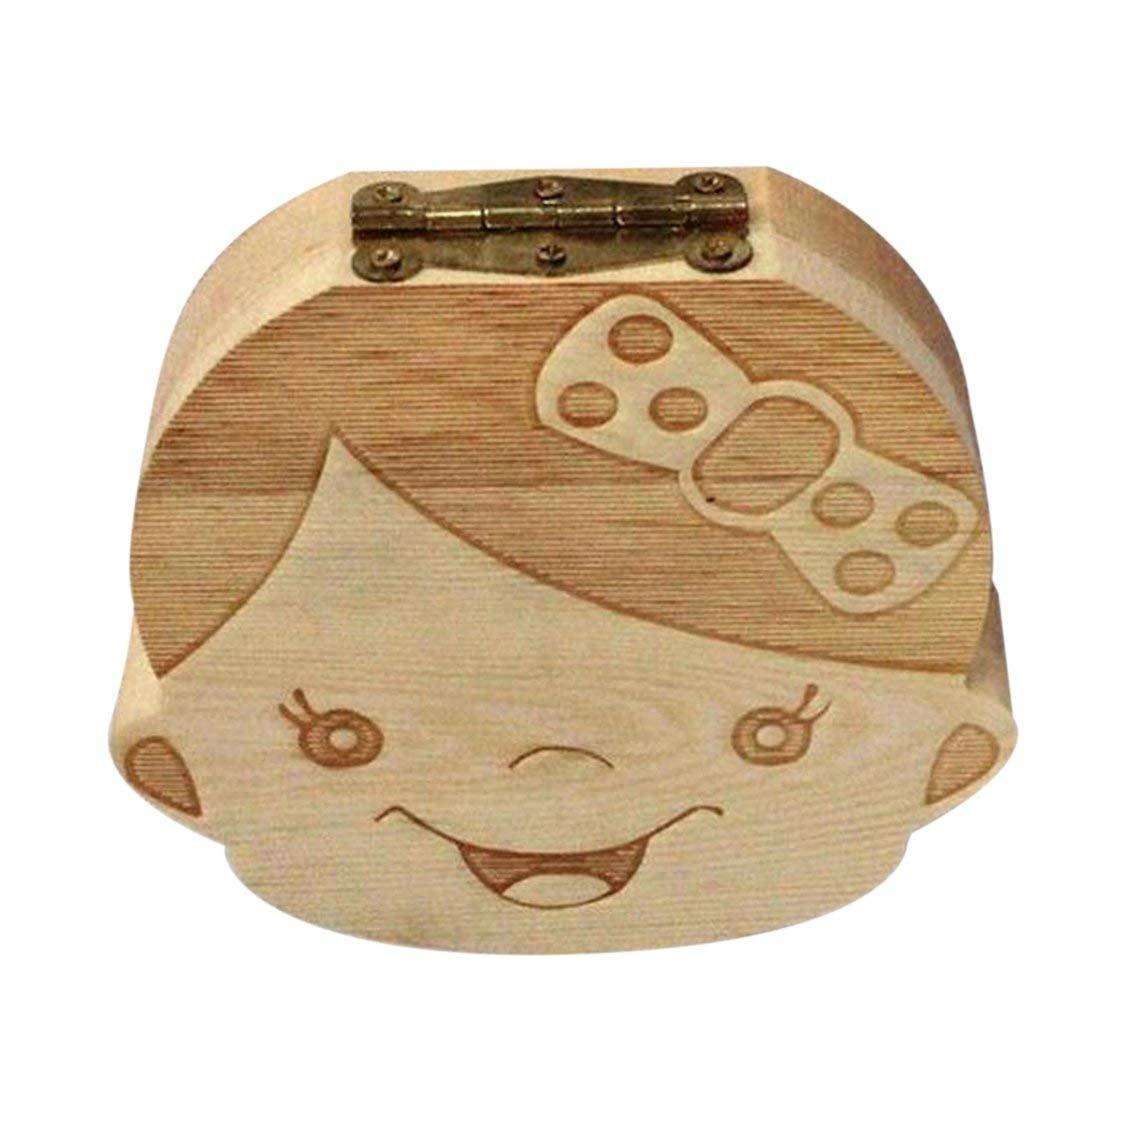 Zinniaya Caja de almacenamiento de caja de dientes de beb/é creativa Caja de almacenamiento de dientes de madera para ni/ños Caja de organizaci/ón Caja de dientes de leche Recuerdo para ni/ñas Ni/ños